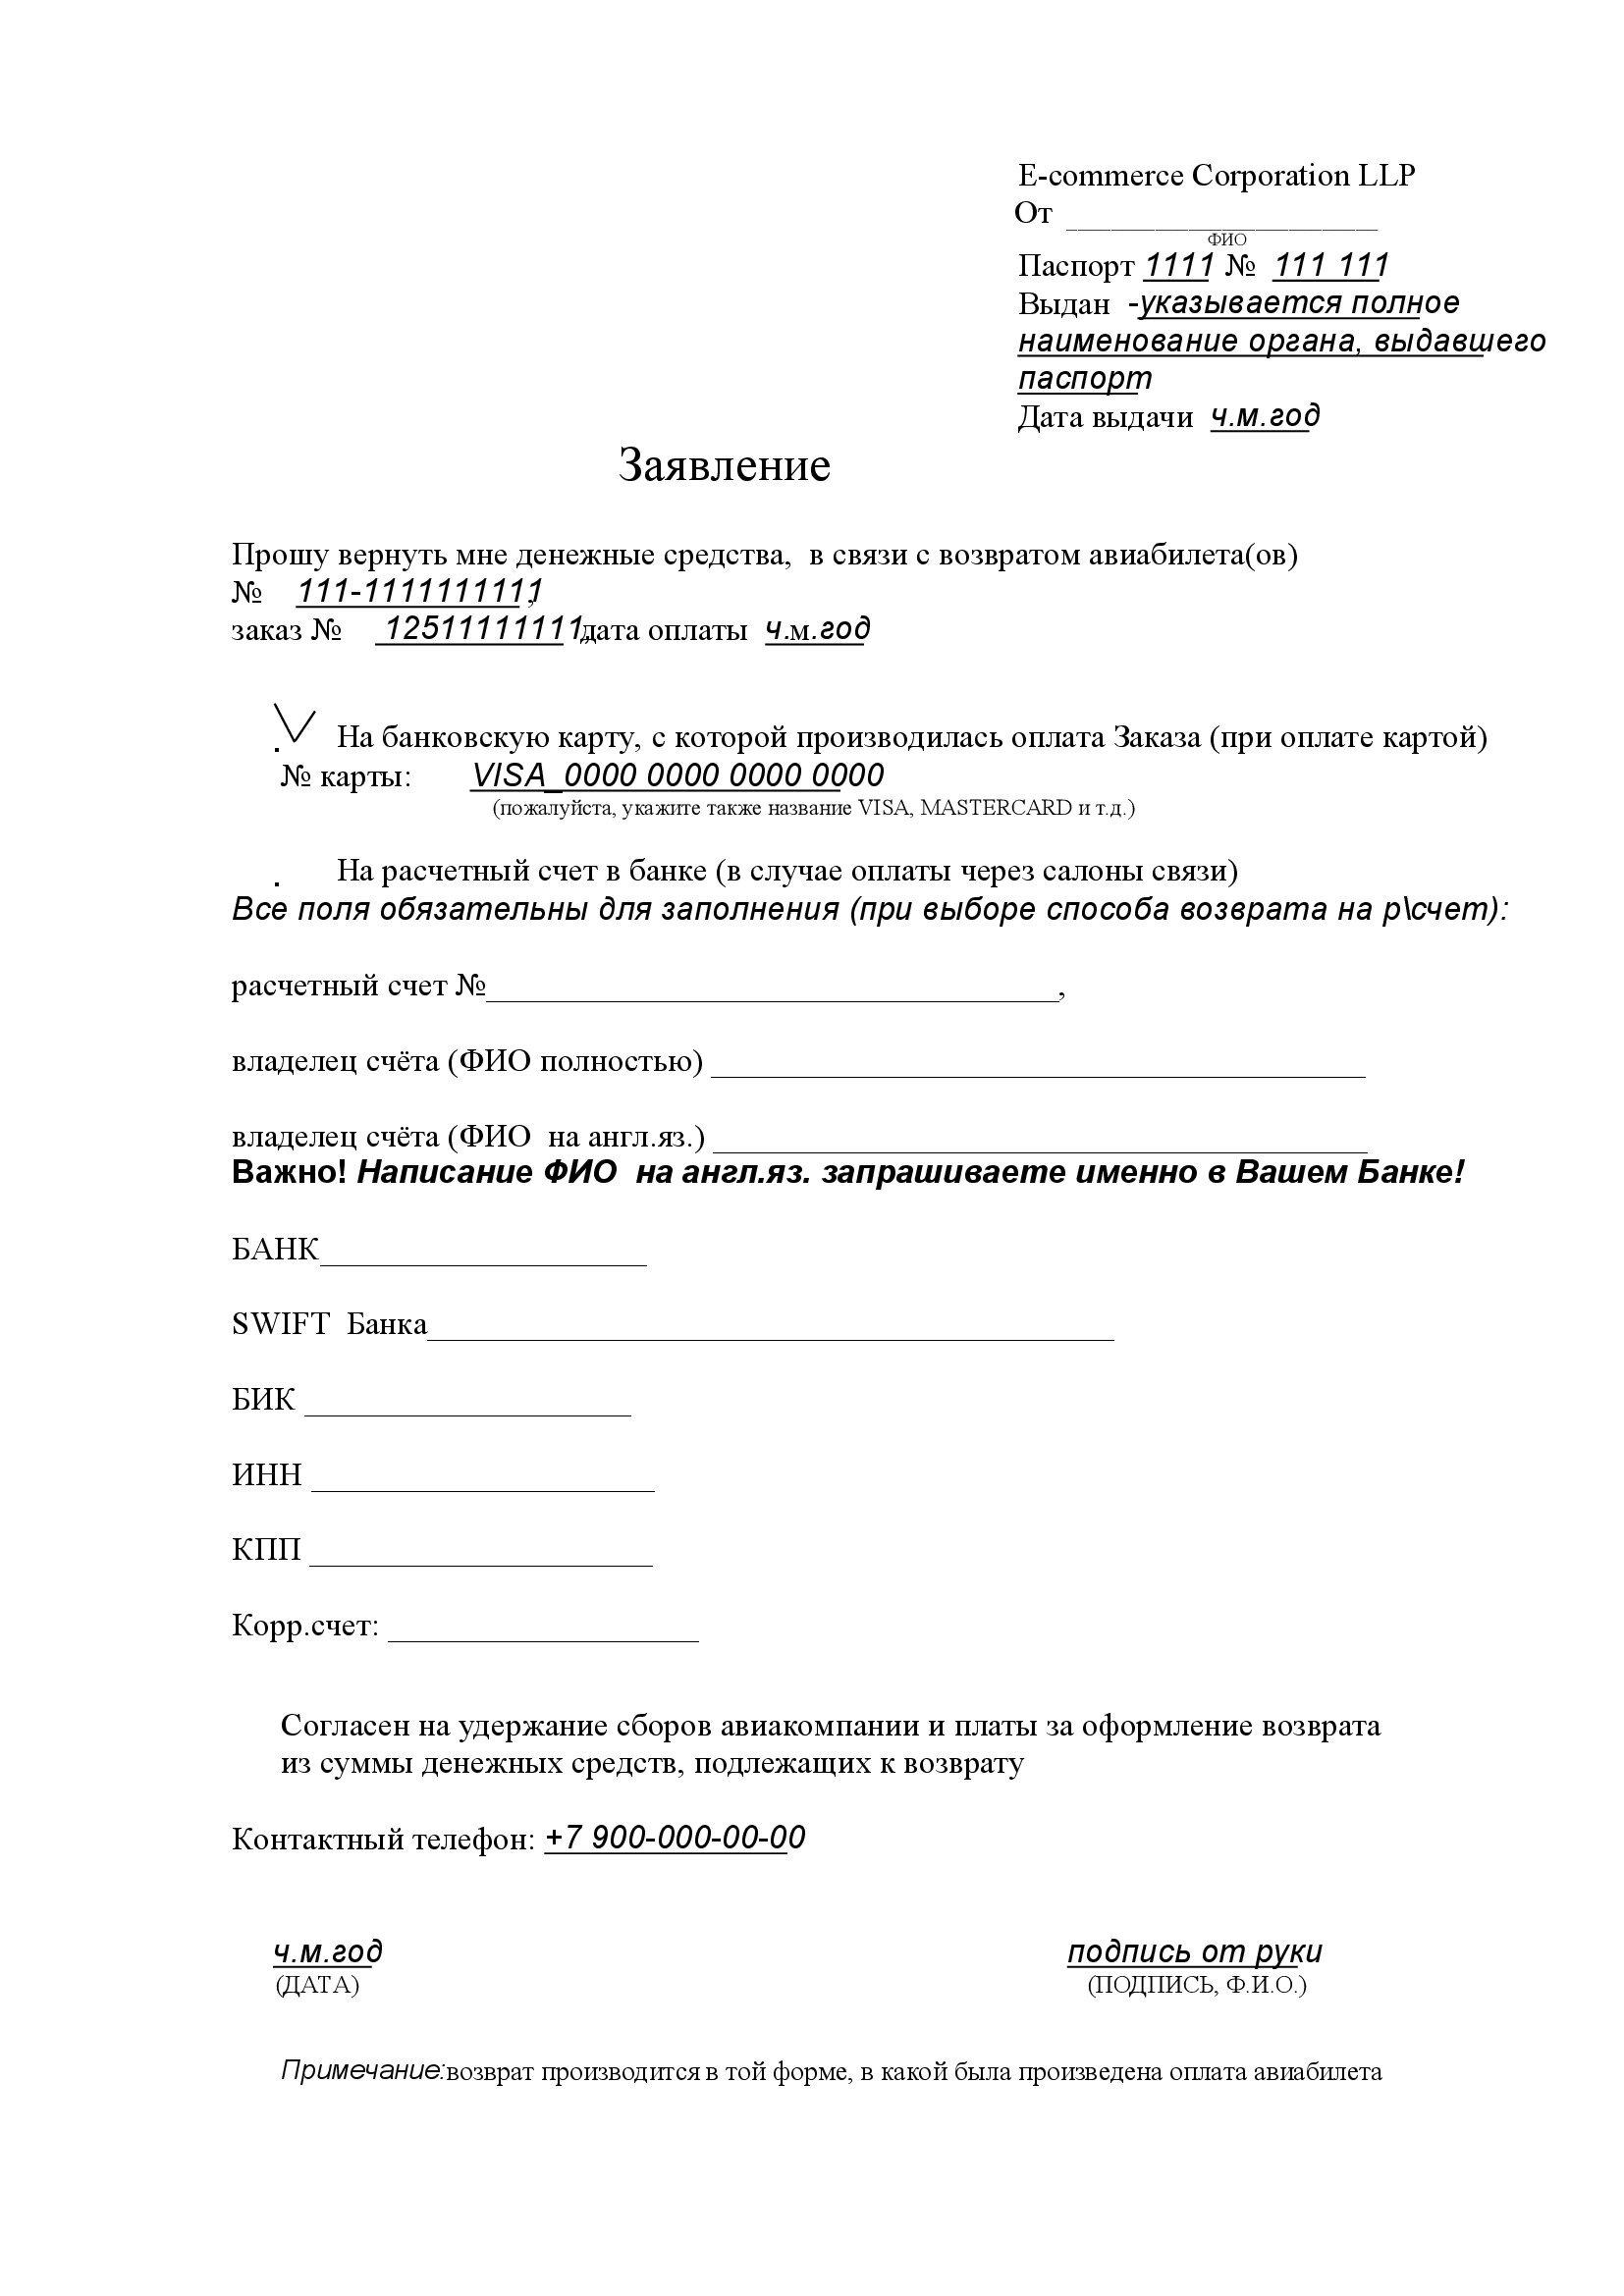 Как проверить штраф без свидетельства о регистрации тс